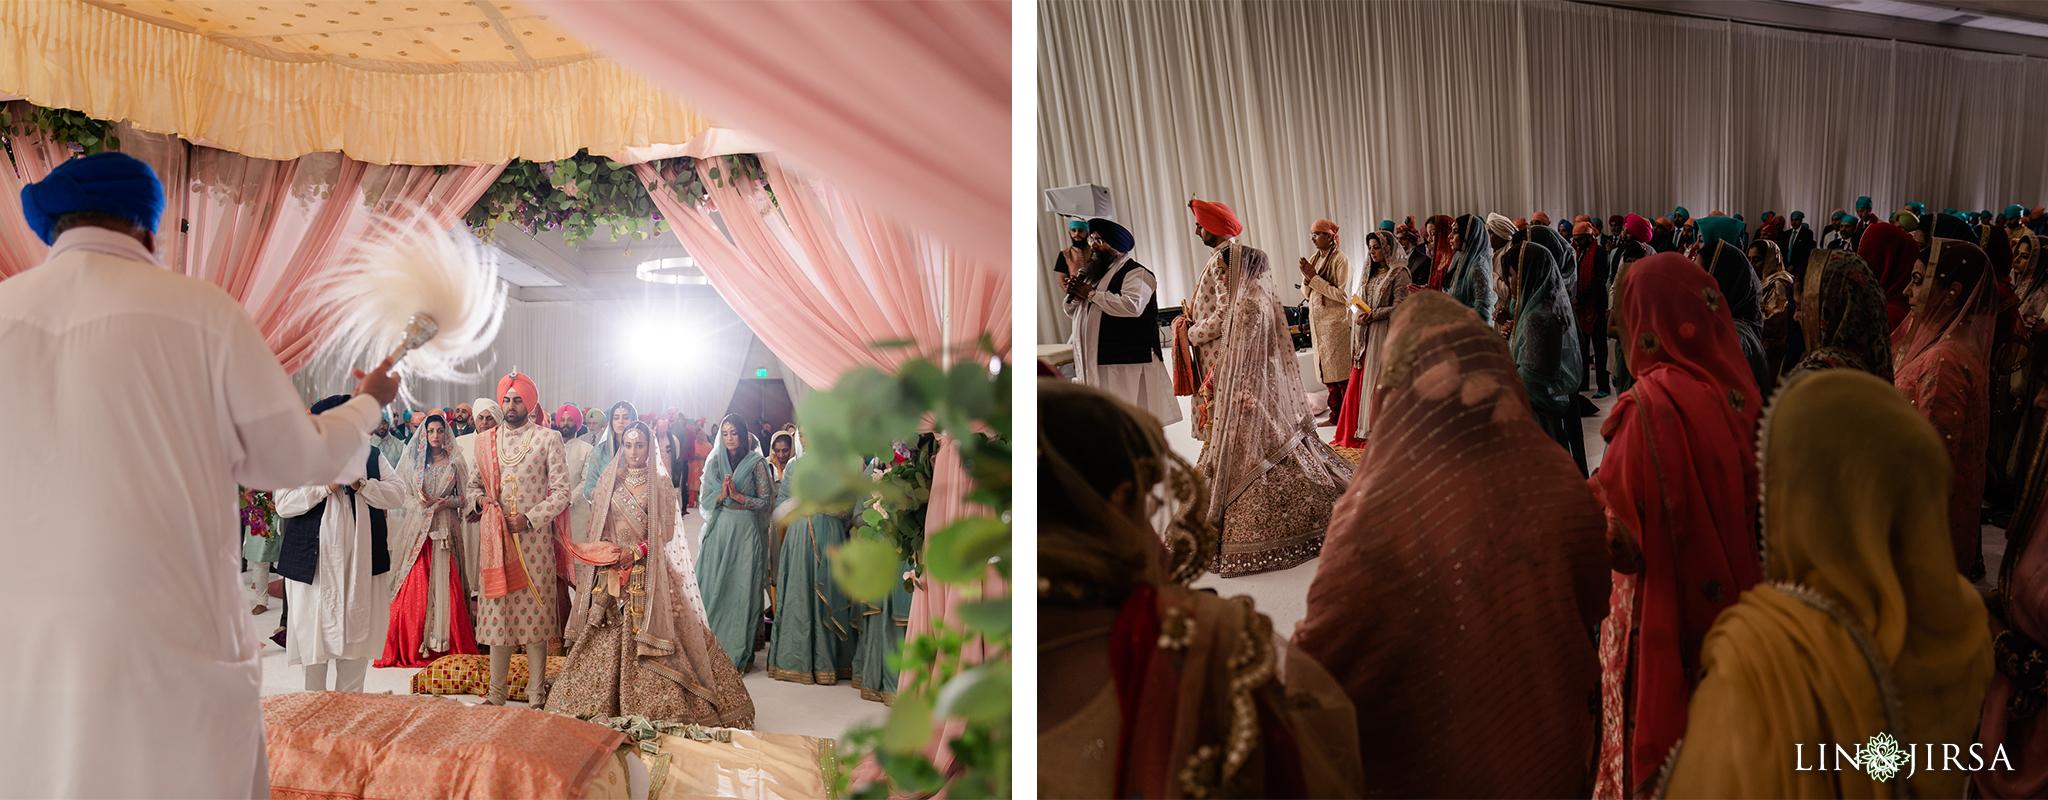 41 Hilton Santa Barbara Beachfront Resort Sikh Wedding Ceremony Photography